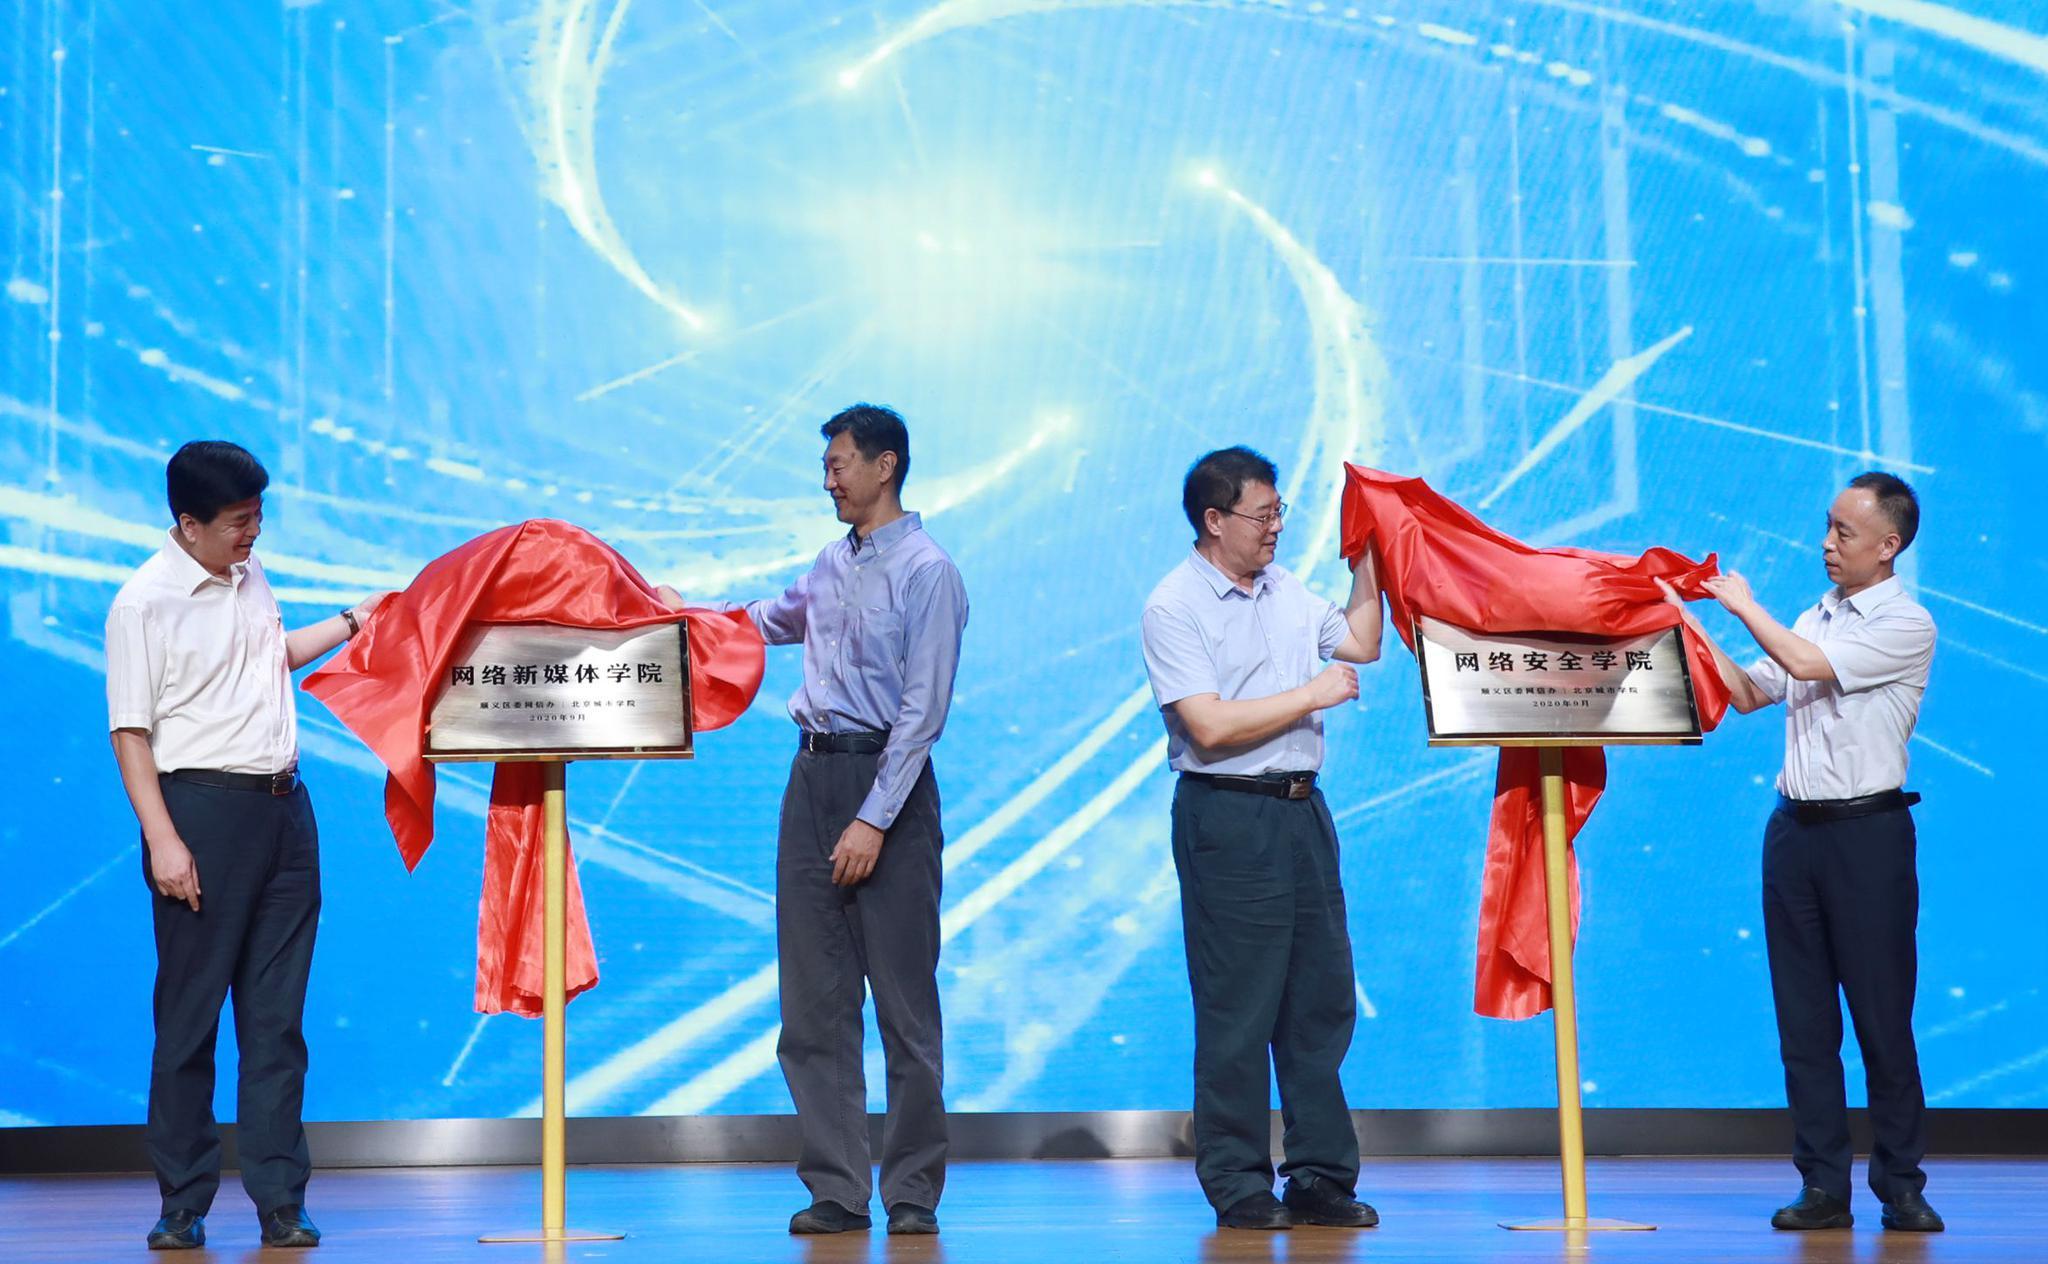 保障网络安全,顺义区与北京城市学院共建两个新学院图片